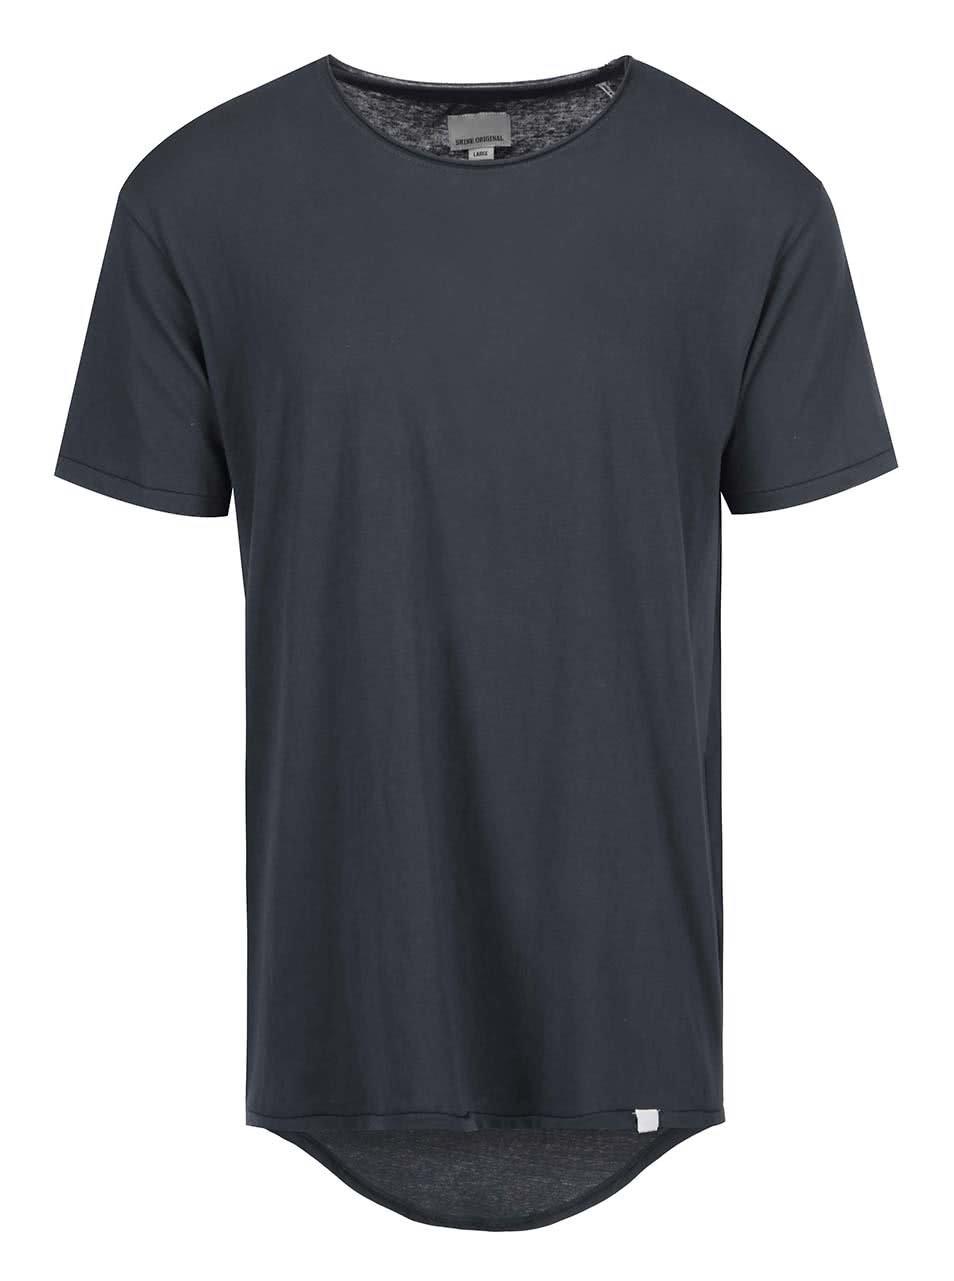 Tmavě šedé triko s prodlouženou zadní částí Shine Original ... 2c7ce576ff